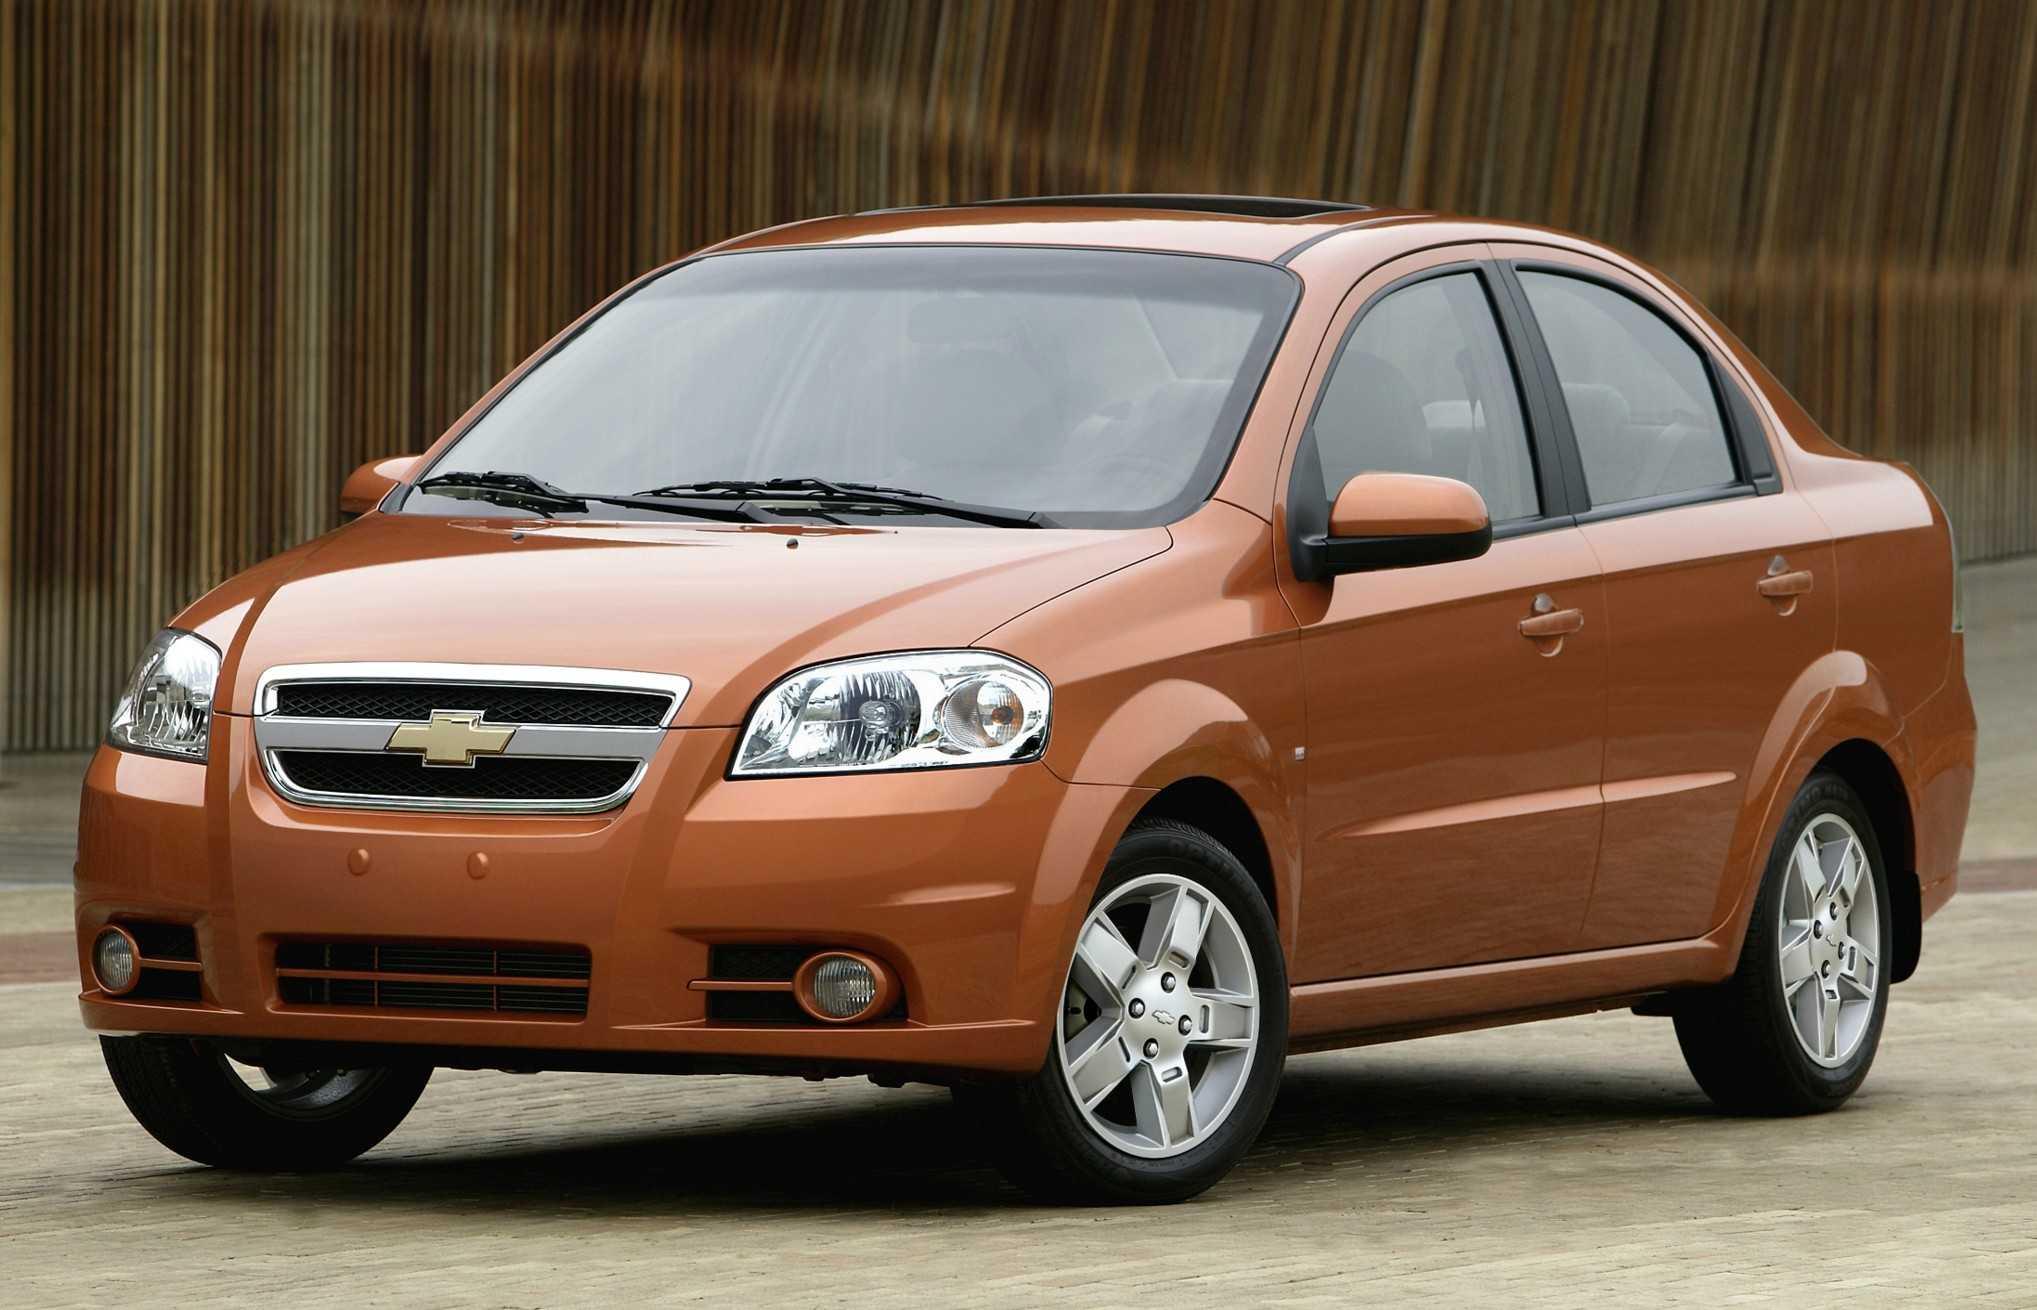 Chevrolet aveo седан t-250